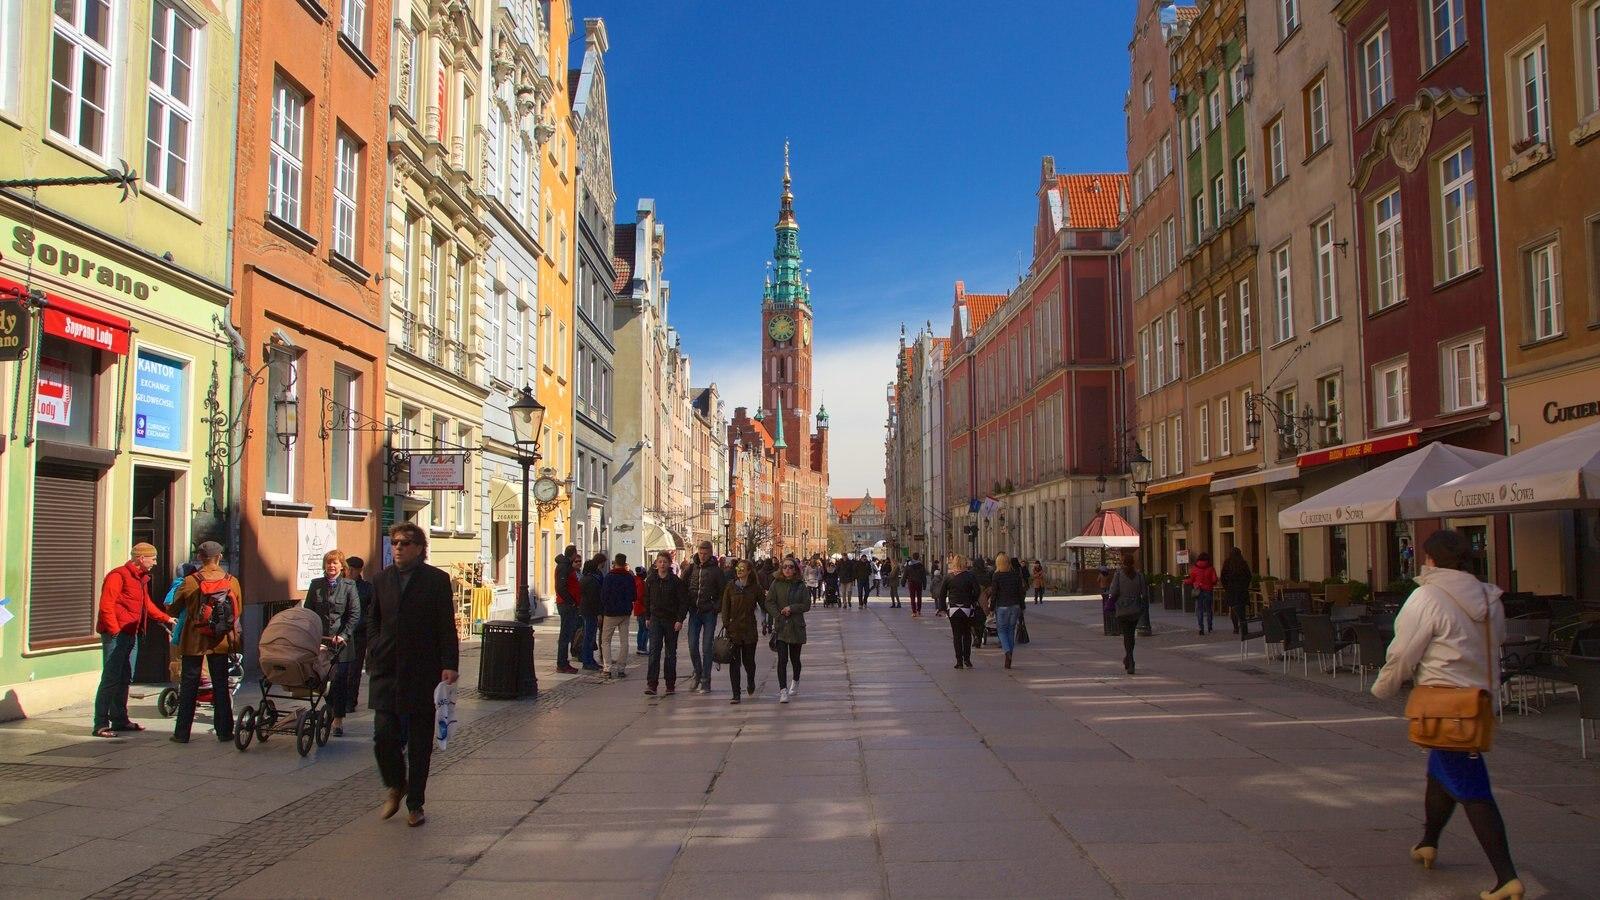 Prefeitura de Gdańsk mostrando cenas de rua